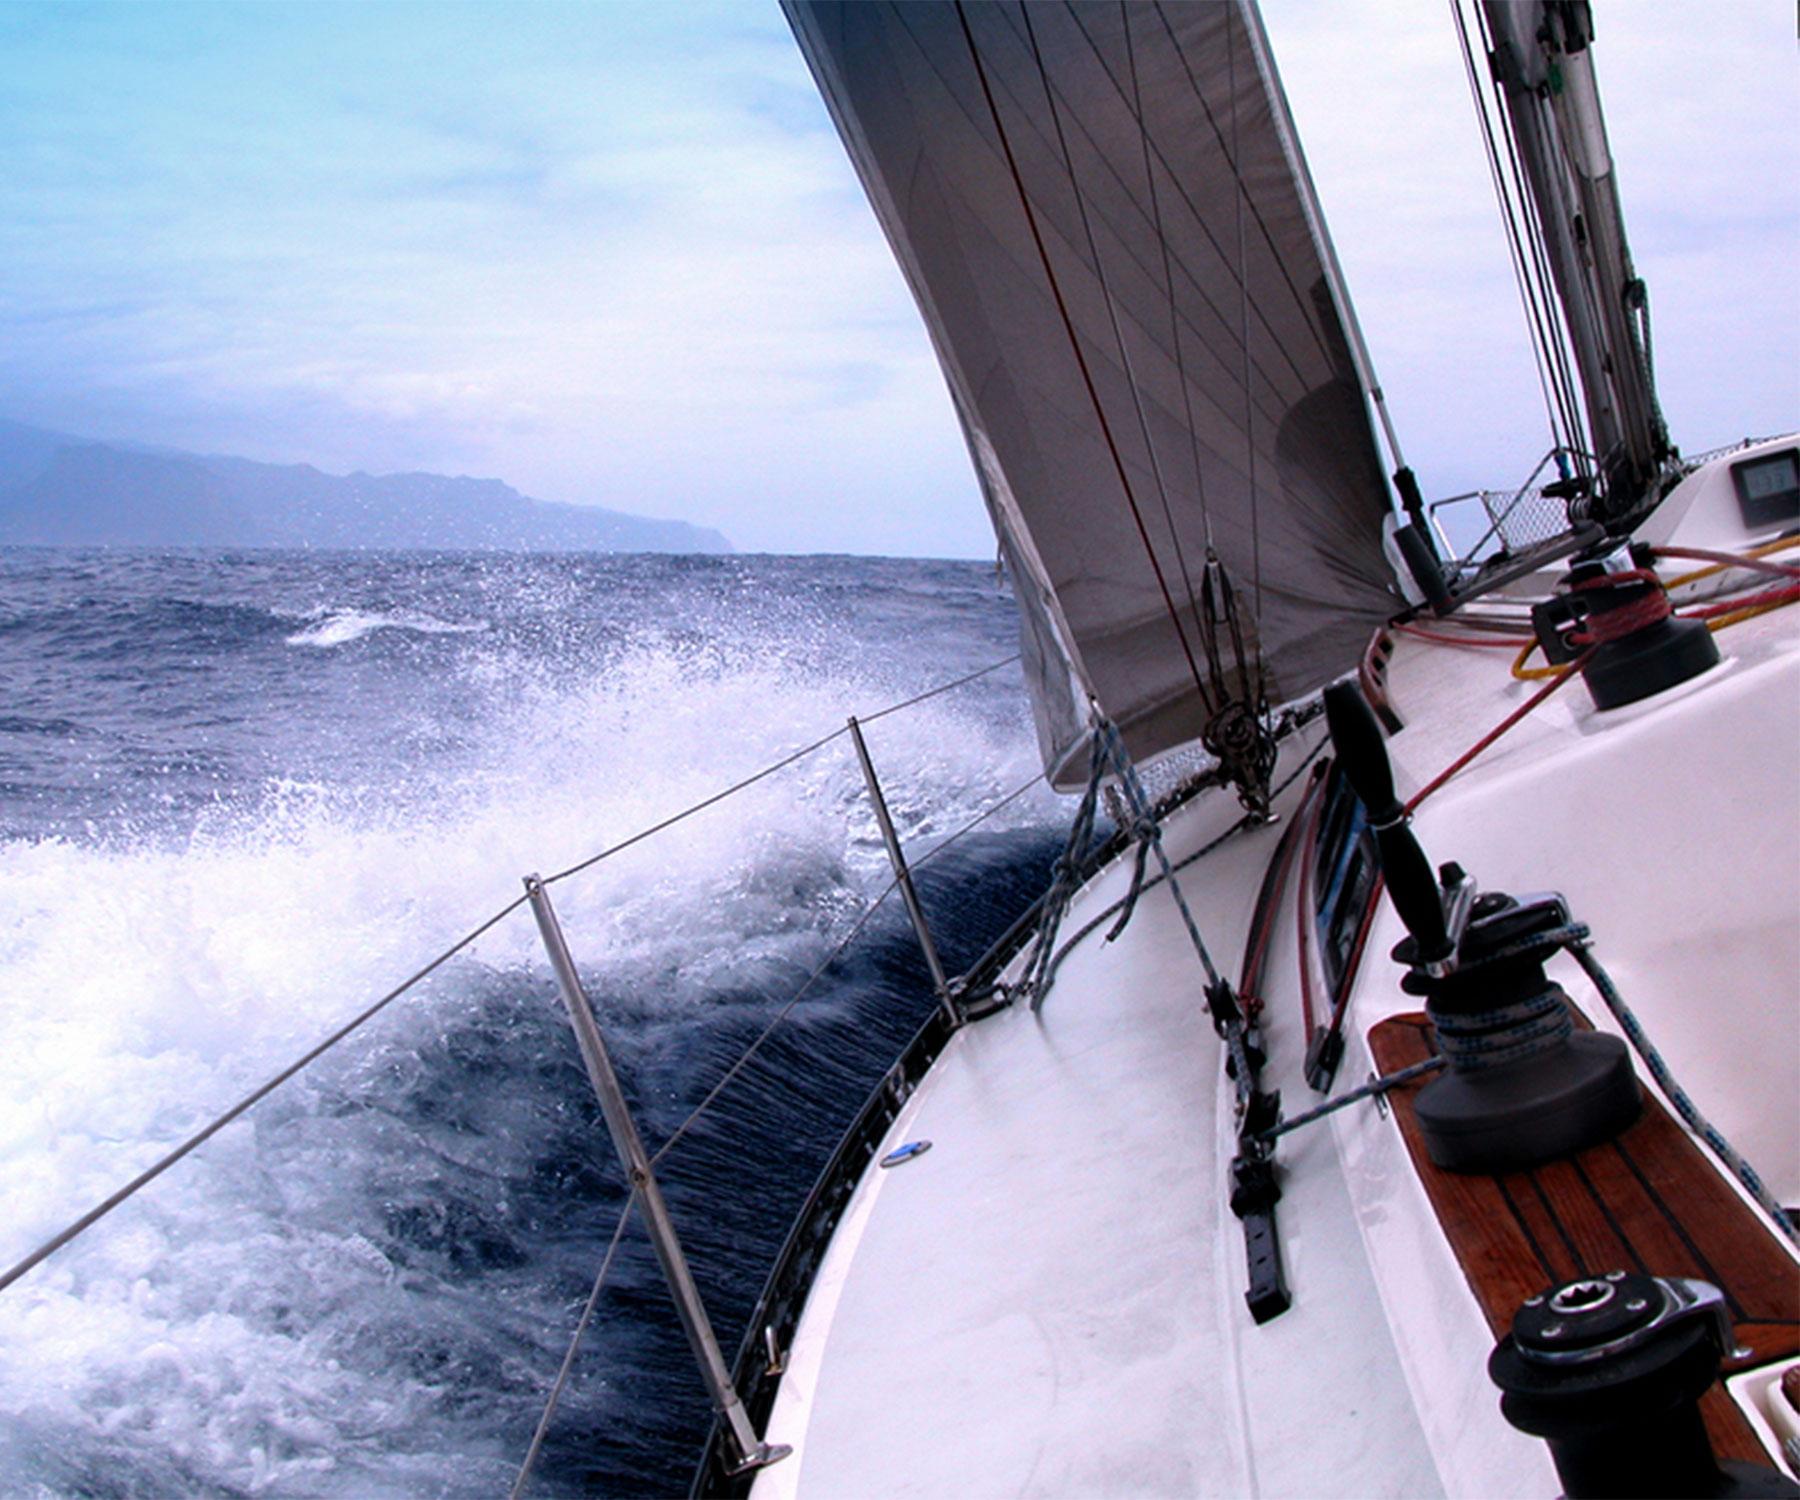 Personal sail boat fast sailing